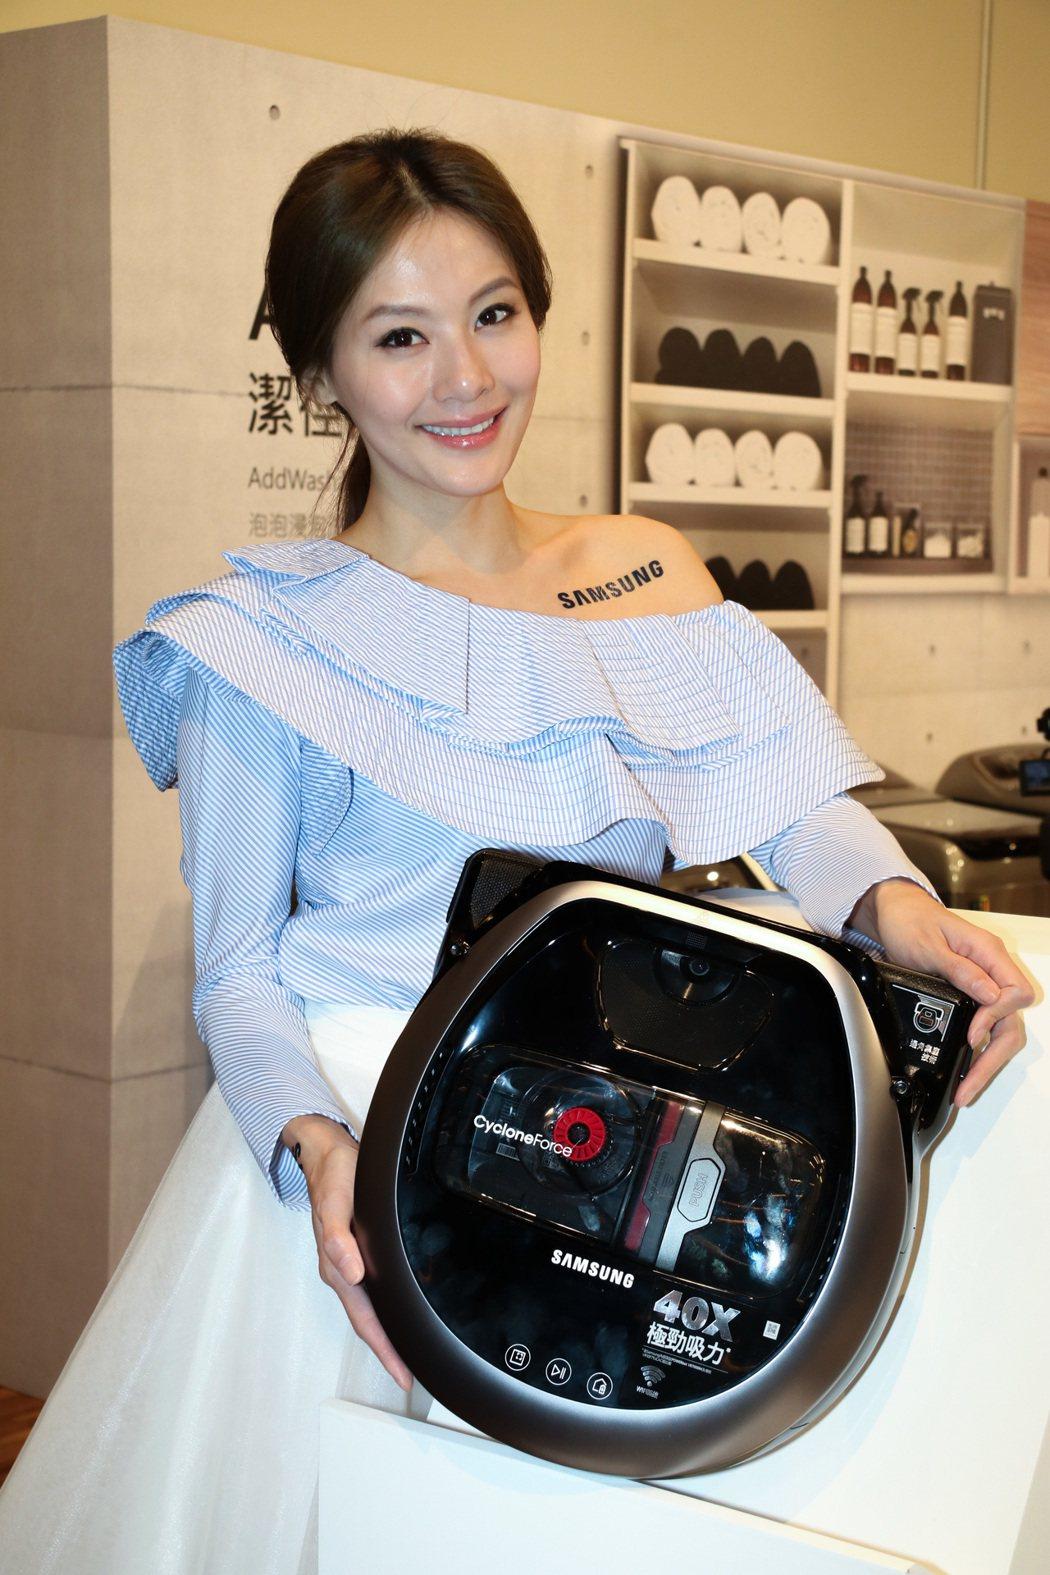 新一代三星POWERbot極勁氣旋機器人更輕薄更智慧。記者史榮恩/攝影